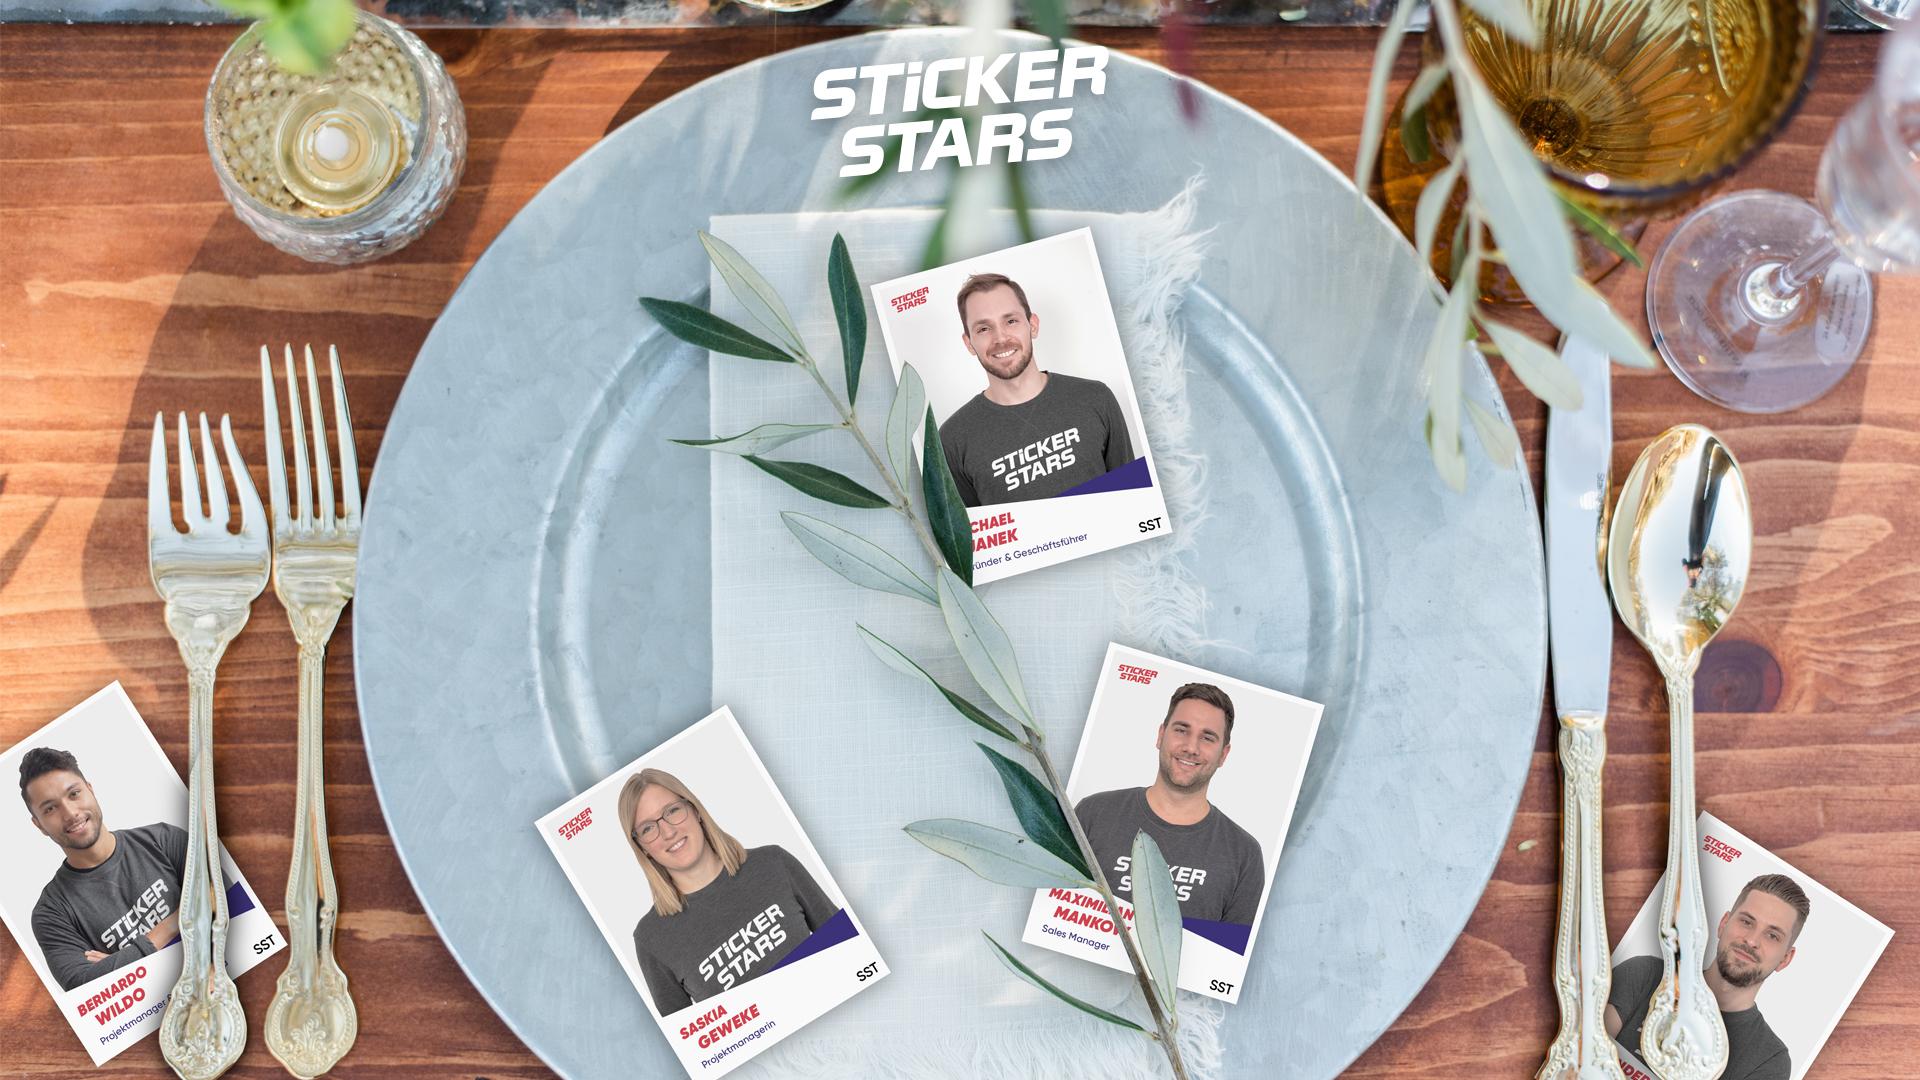 Außergewöhnliche Hochzeitsdeko: So kannst du unsere Sticker auch verwenden